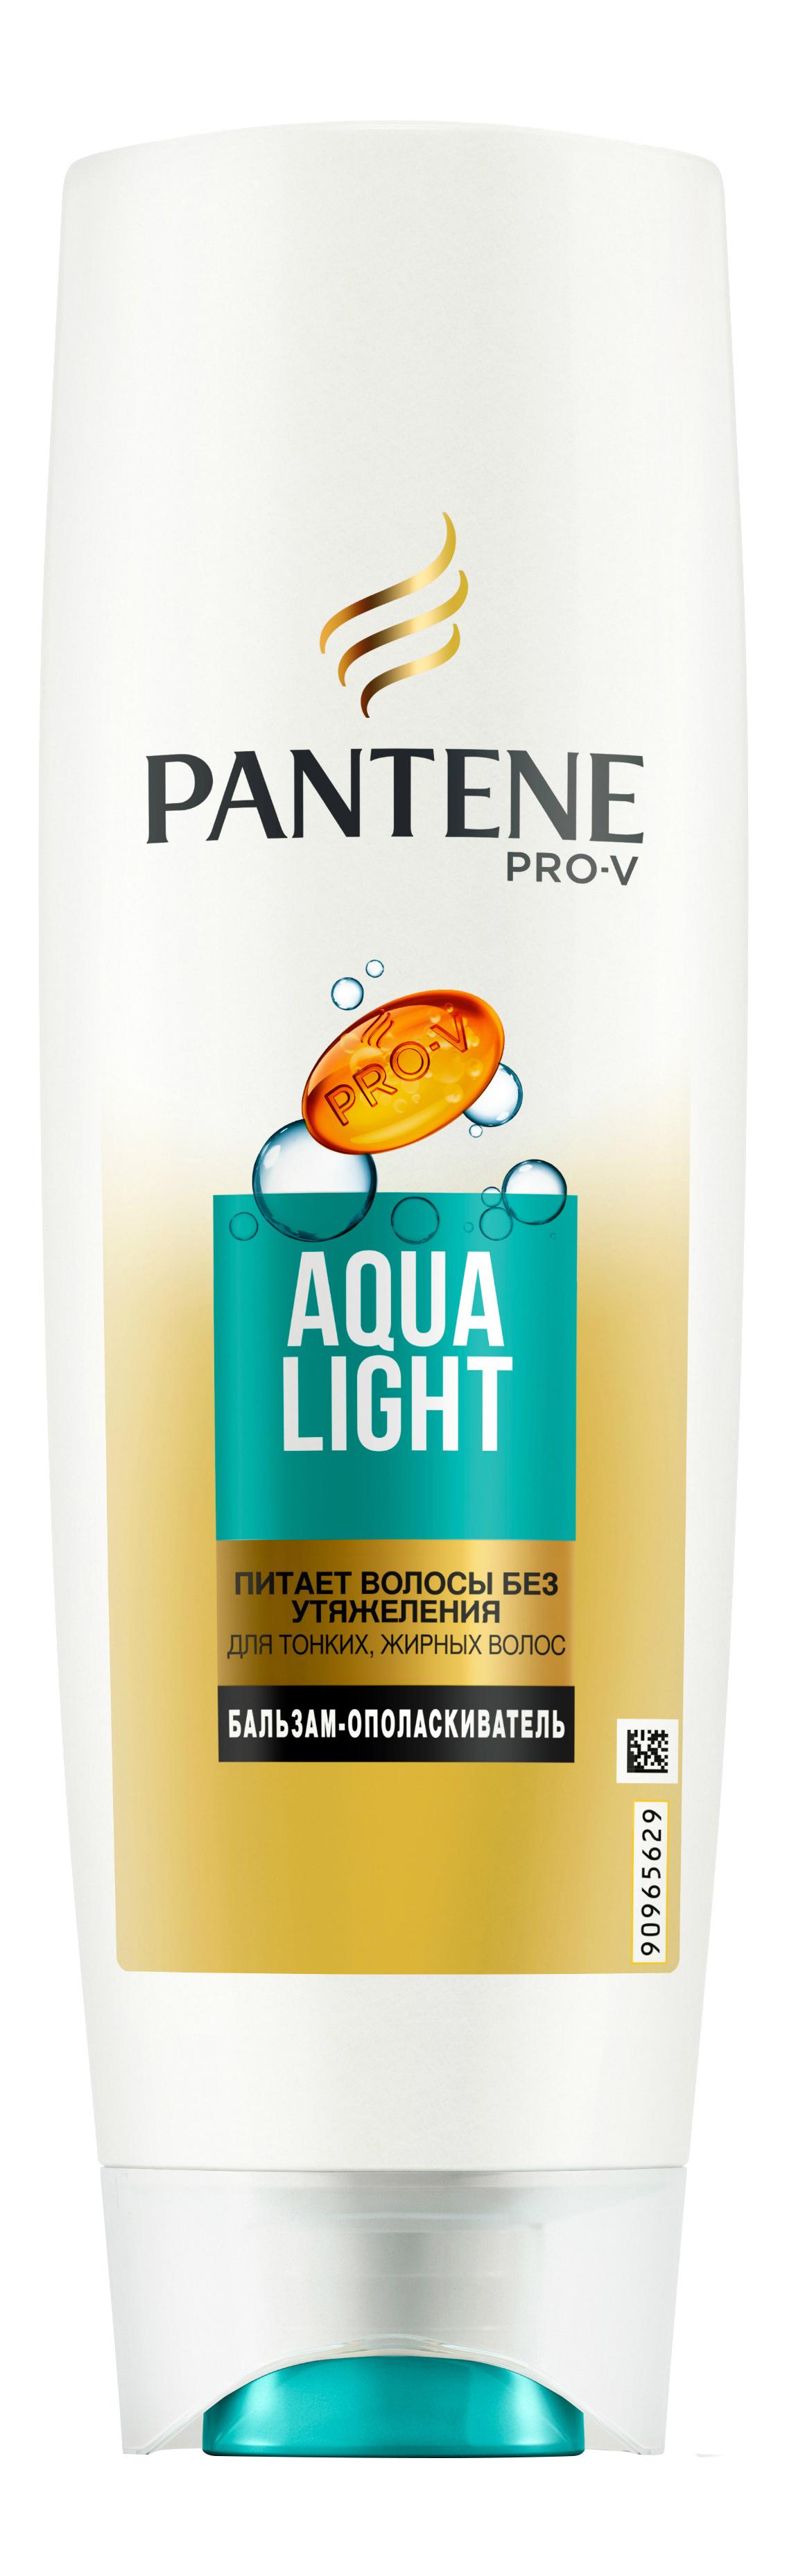 Купить Бальзам для волос Pantene Легкий питательный и укрепляющий Aqua Light 400 мл, бальзам для волос 81601088